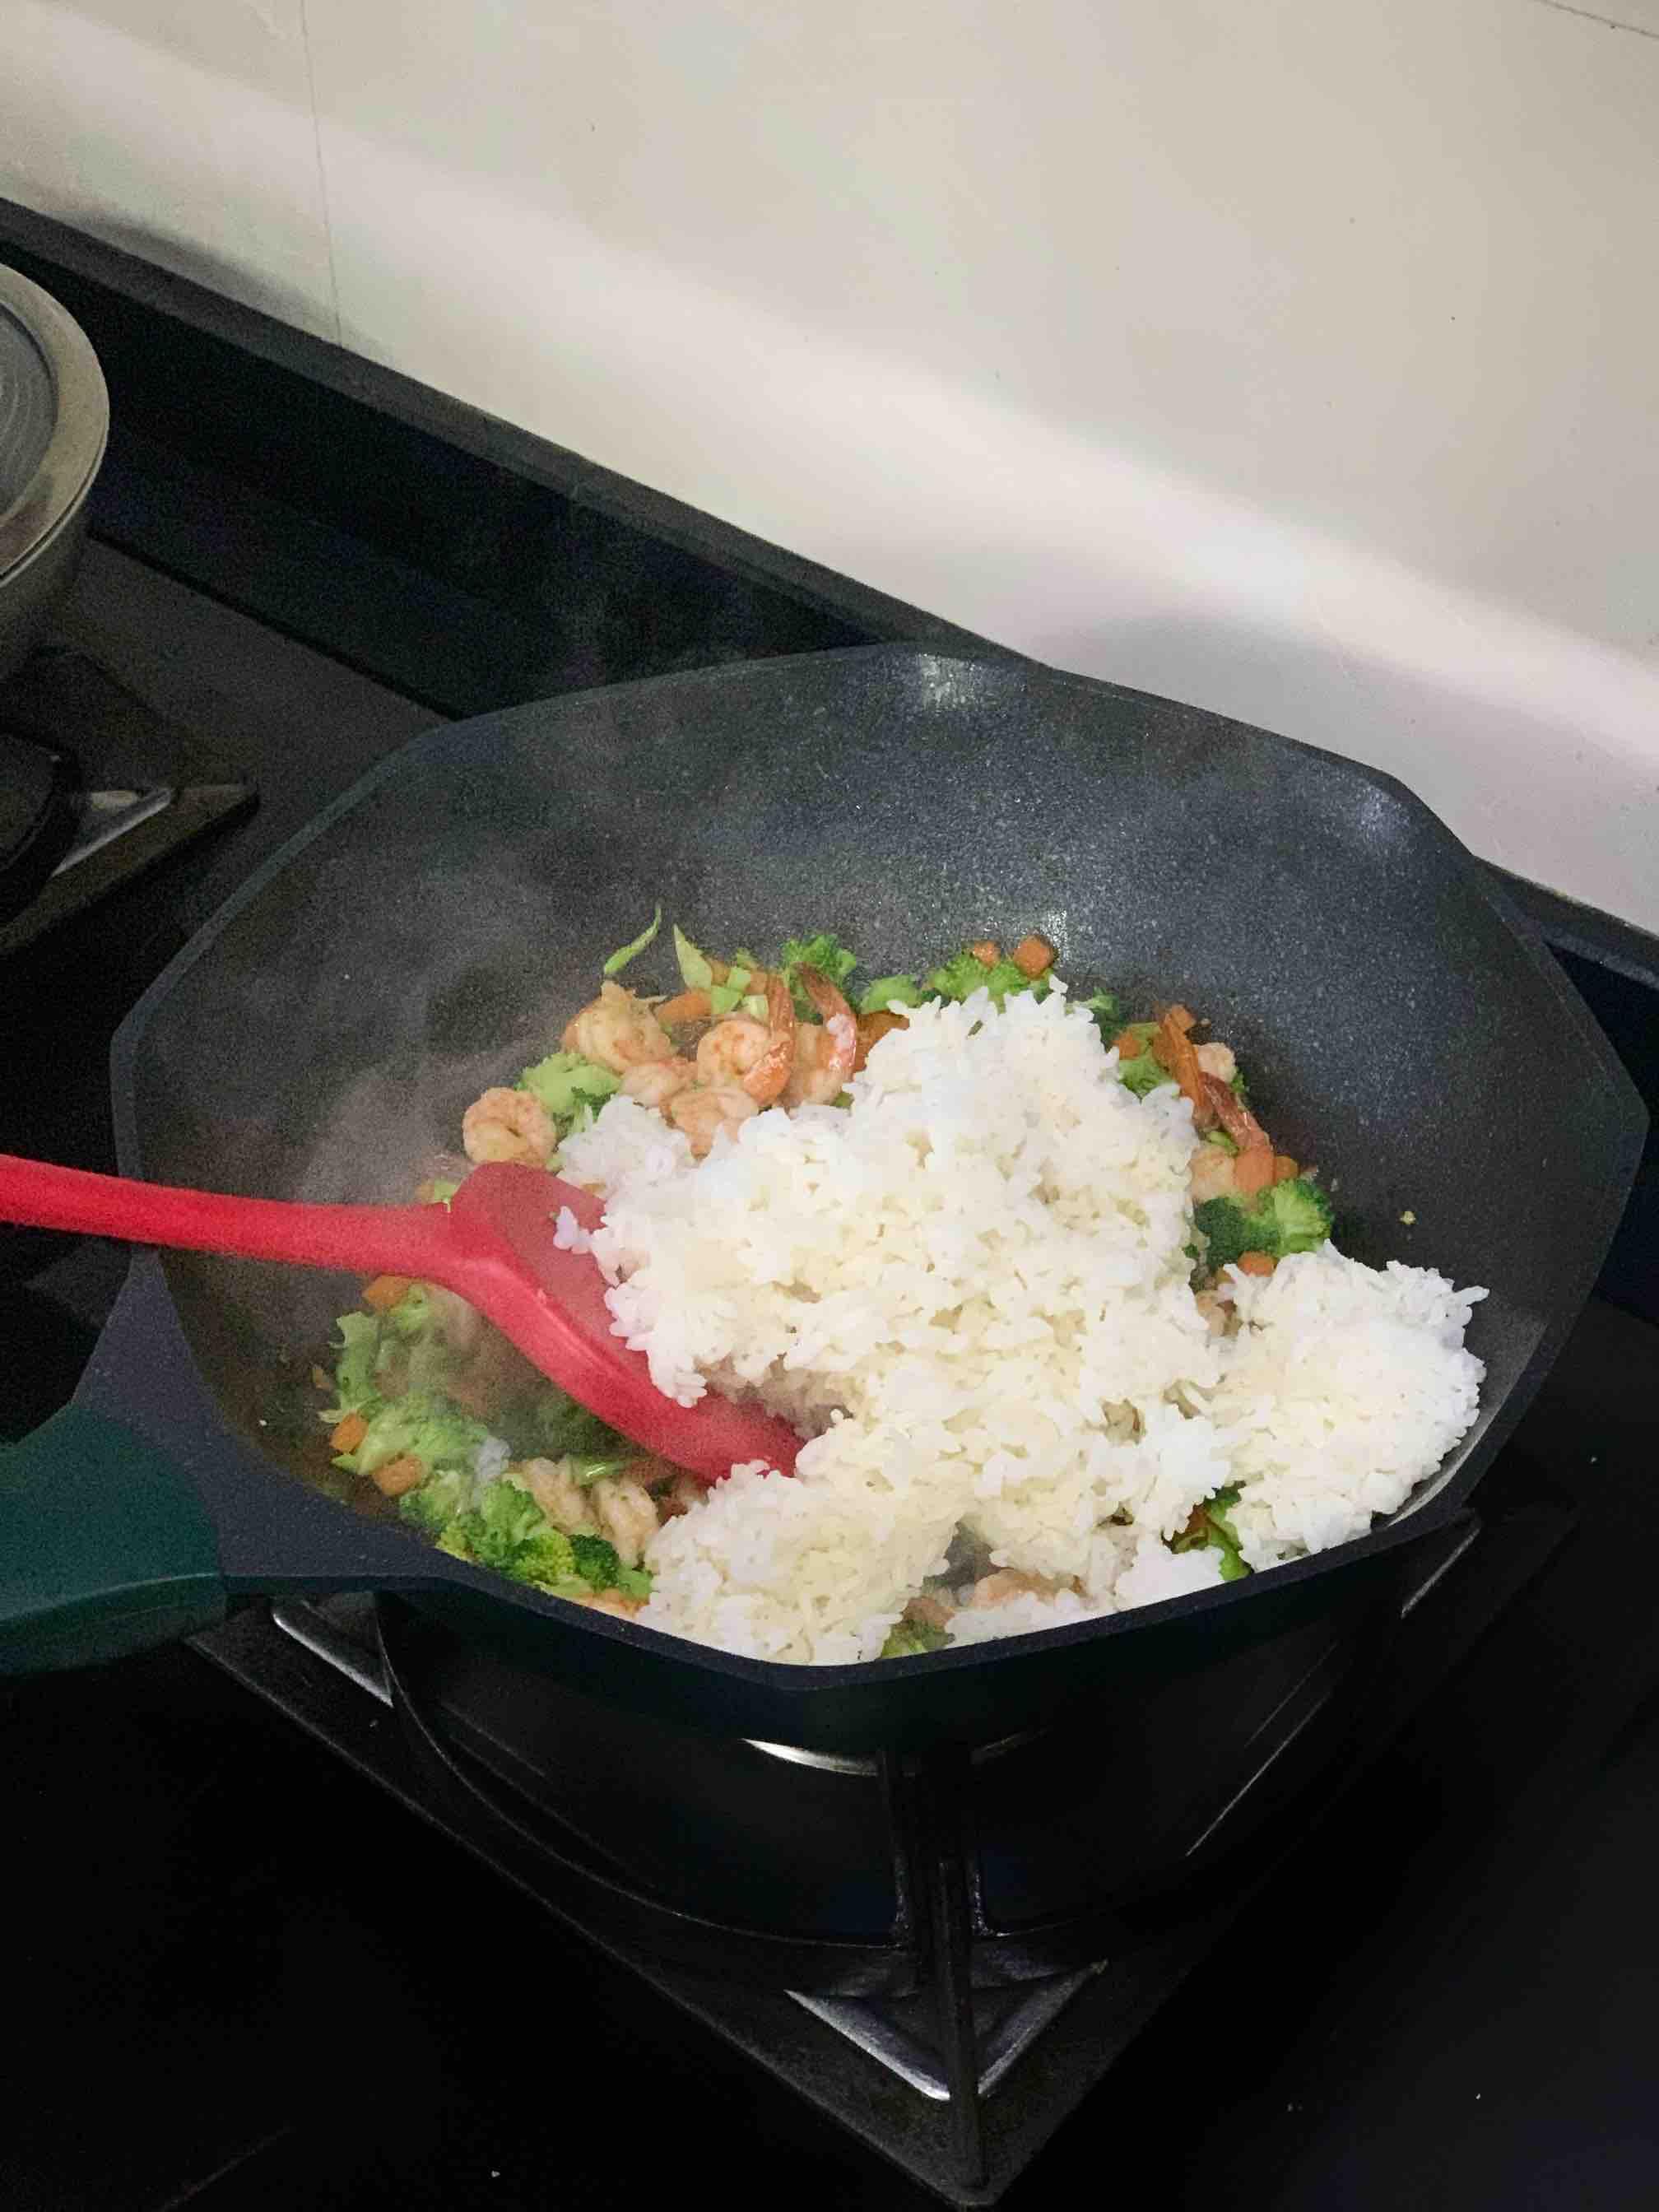 西兰花虾仁炒饭的简单做法